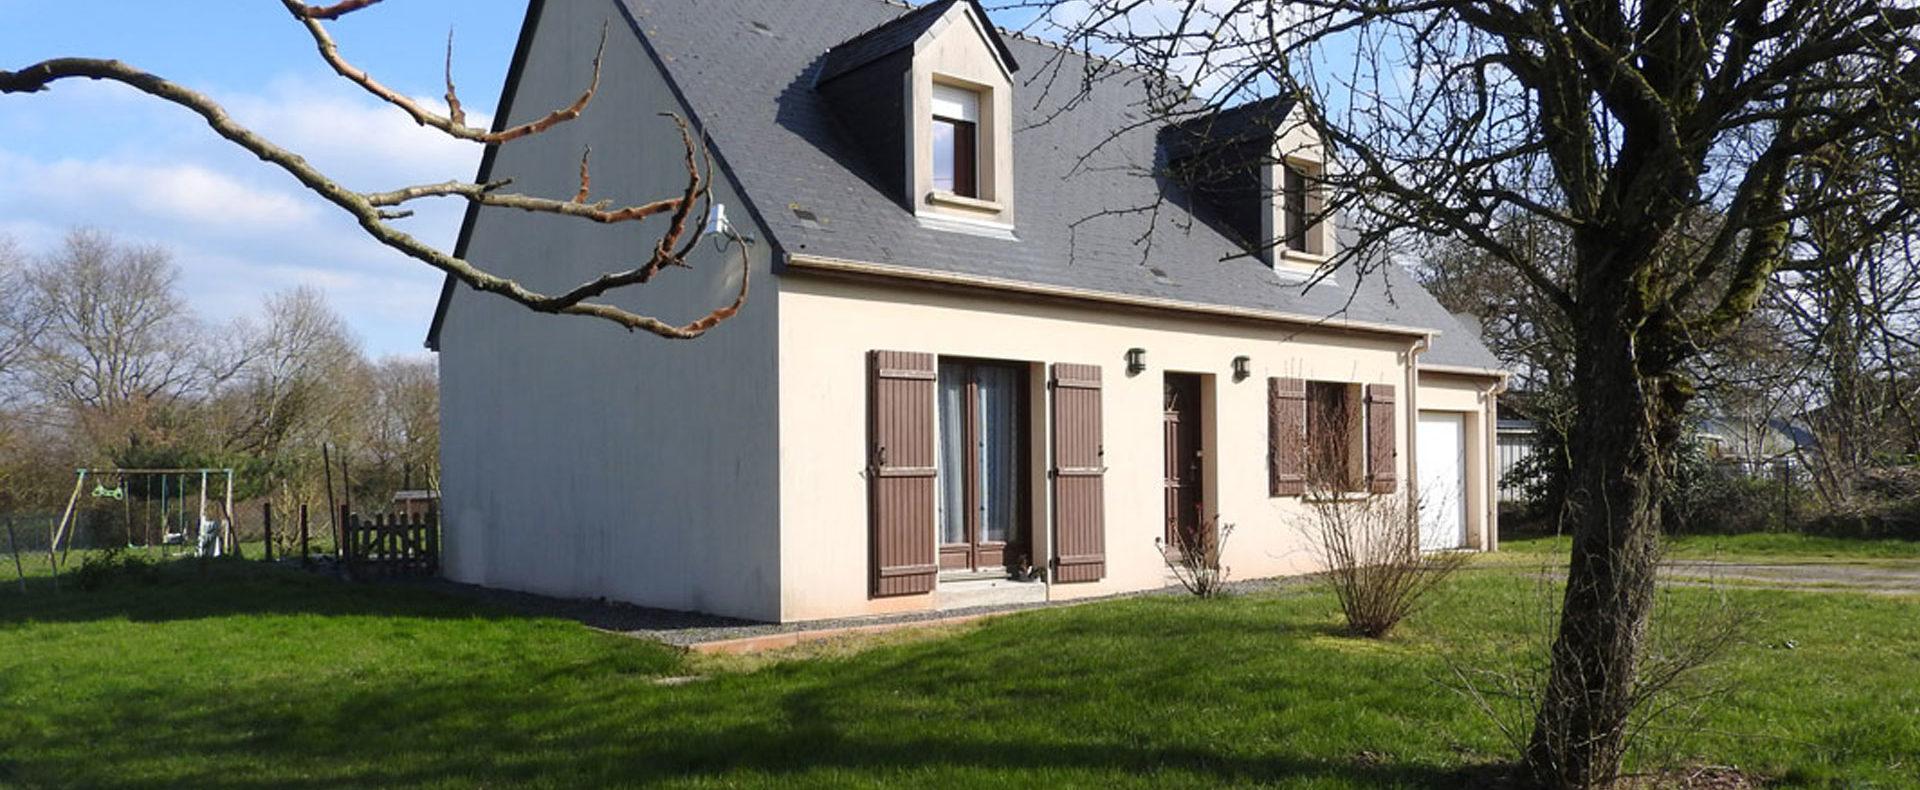 AVOCATransac • Vente judiciaire de biens immobiliers • Nantes